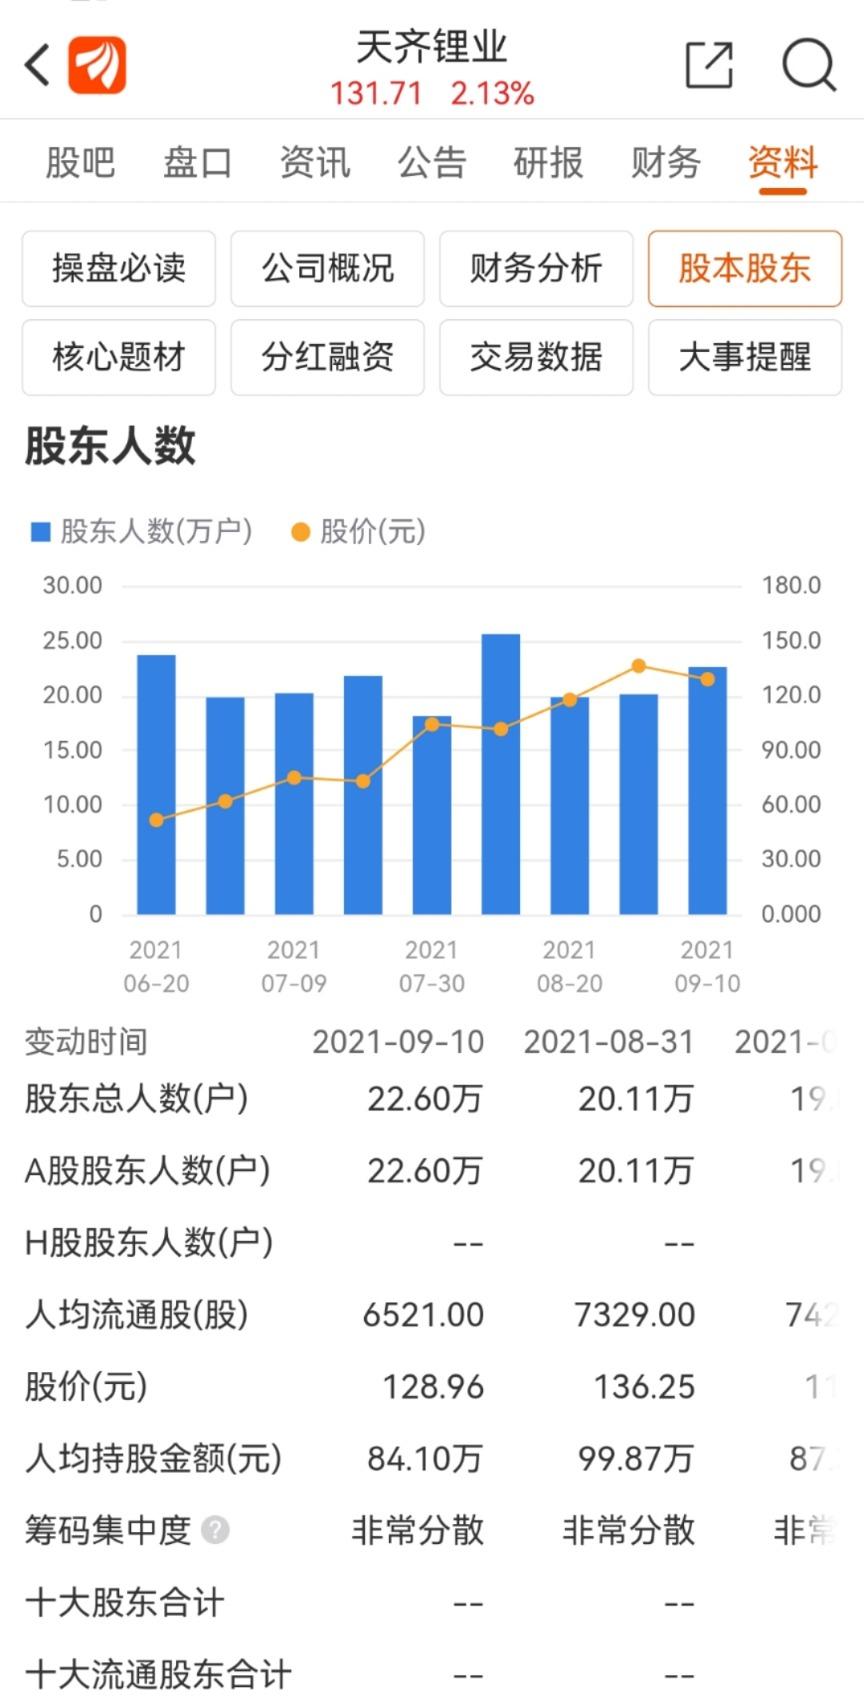 摩臣5平台锂业巨头重启H股上市 23万股东意念涨停!